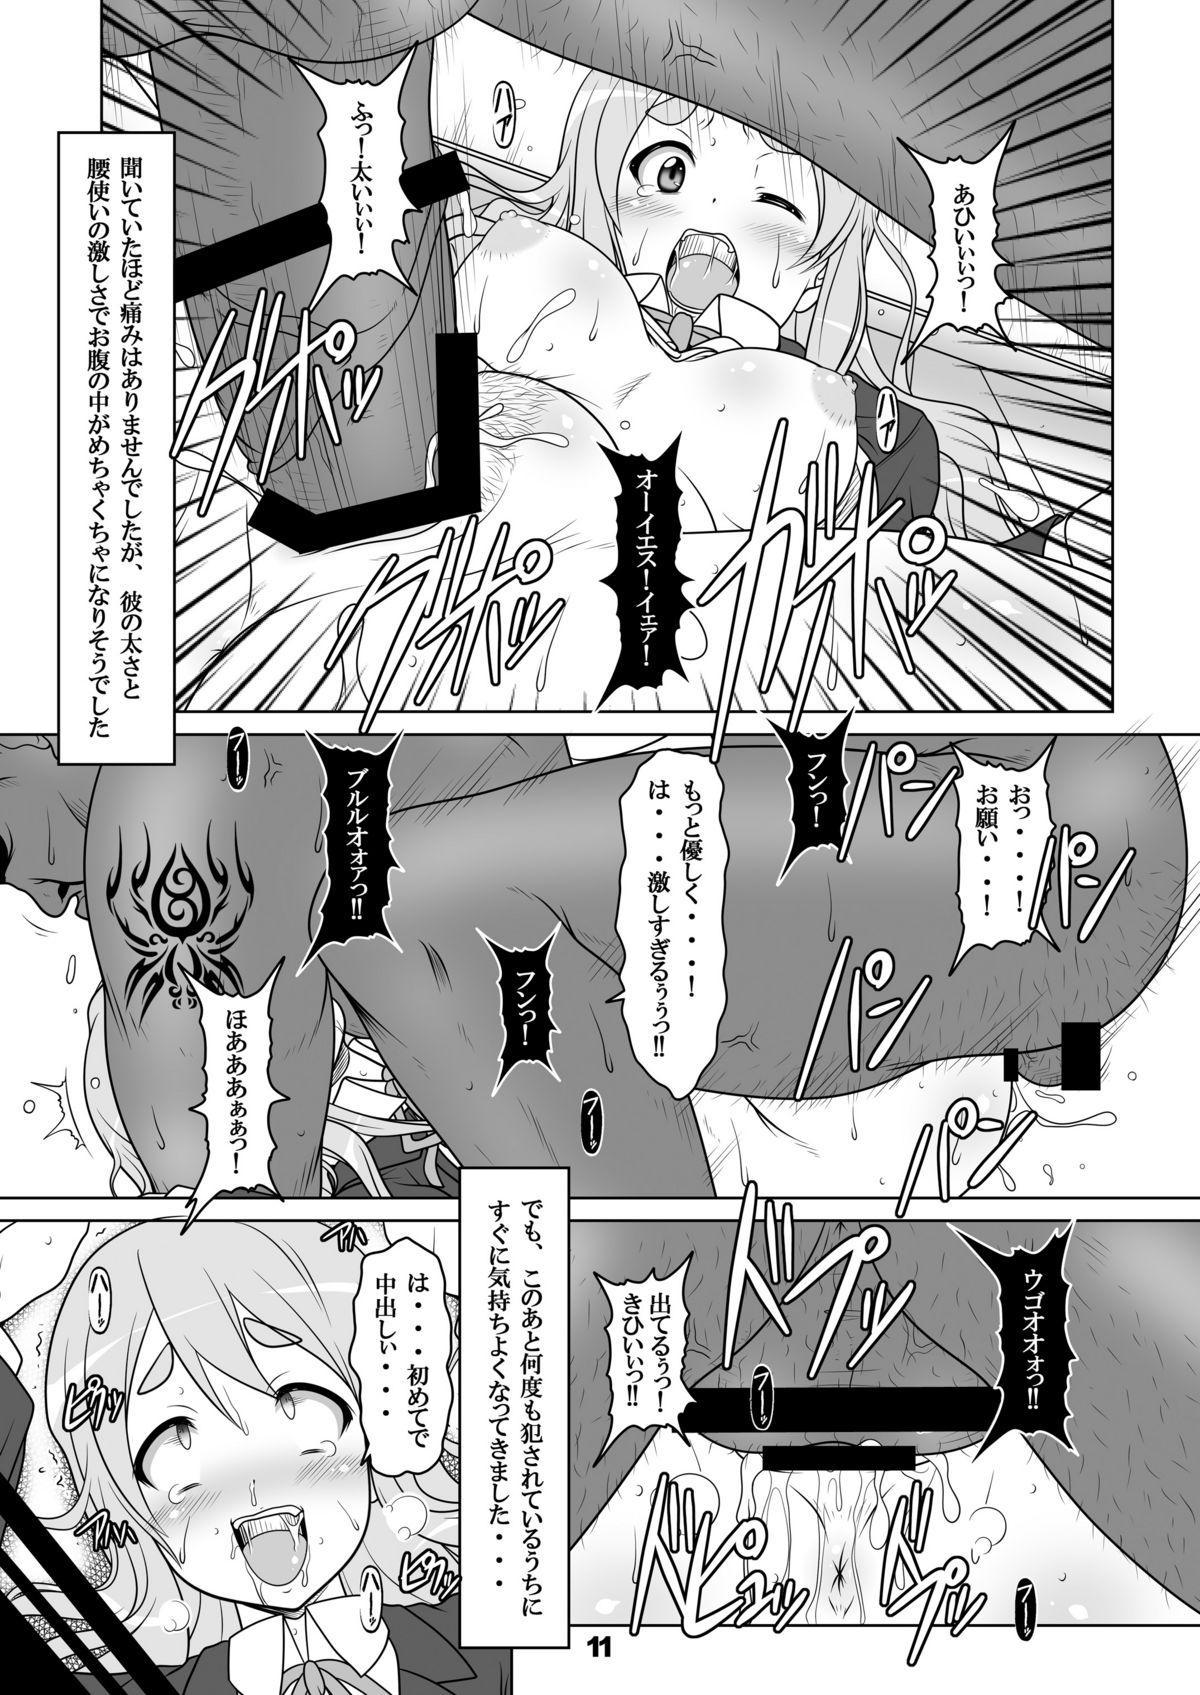 Kuroiro Jikan - Black Time 9